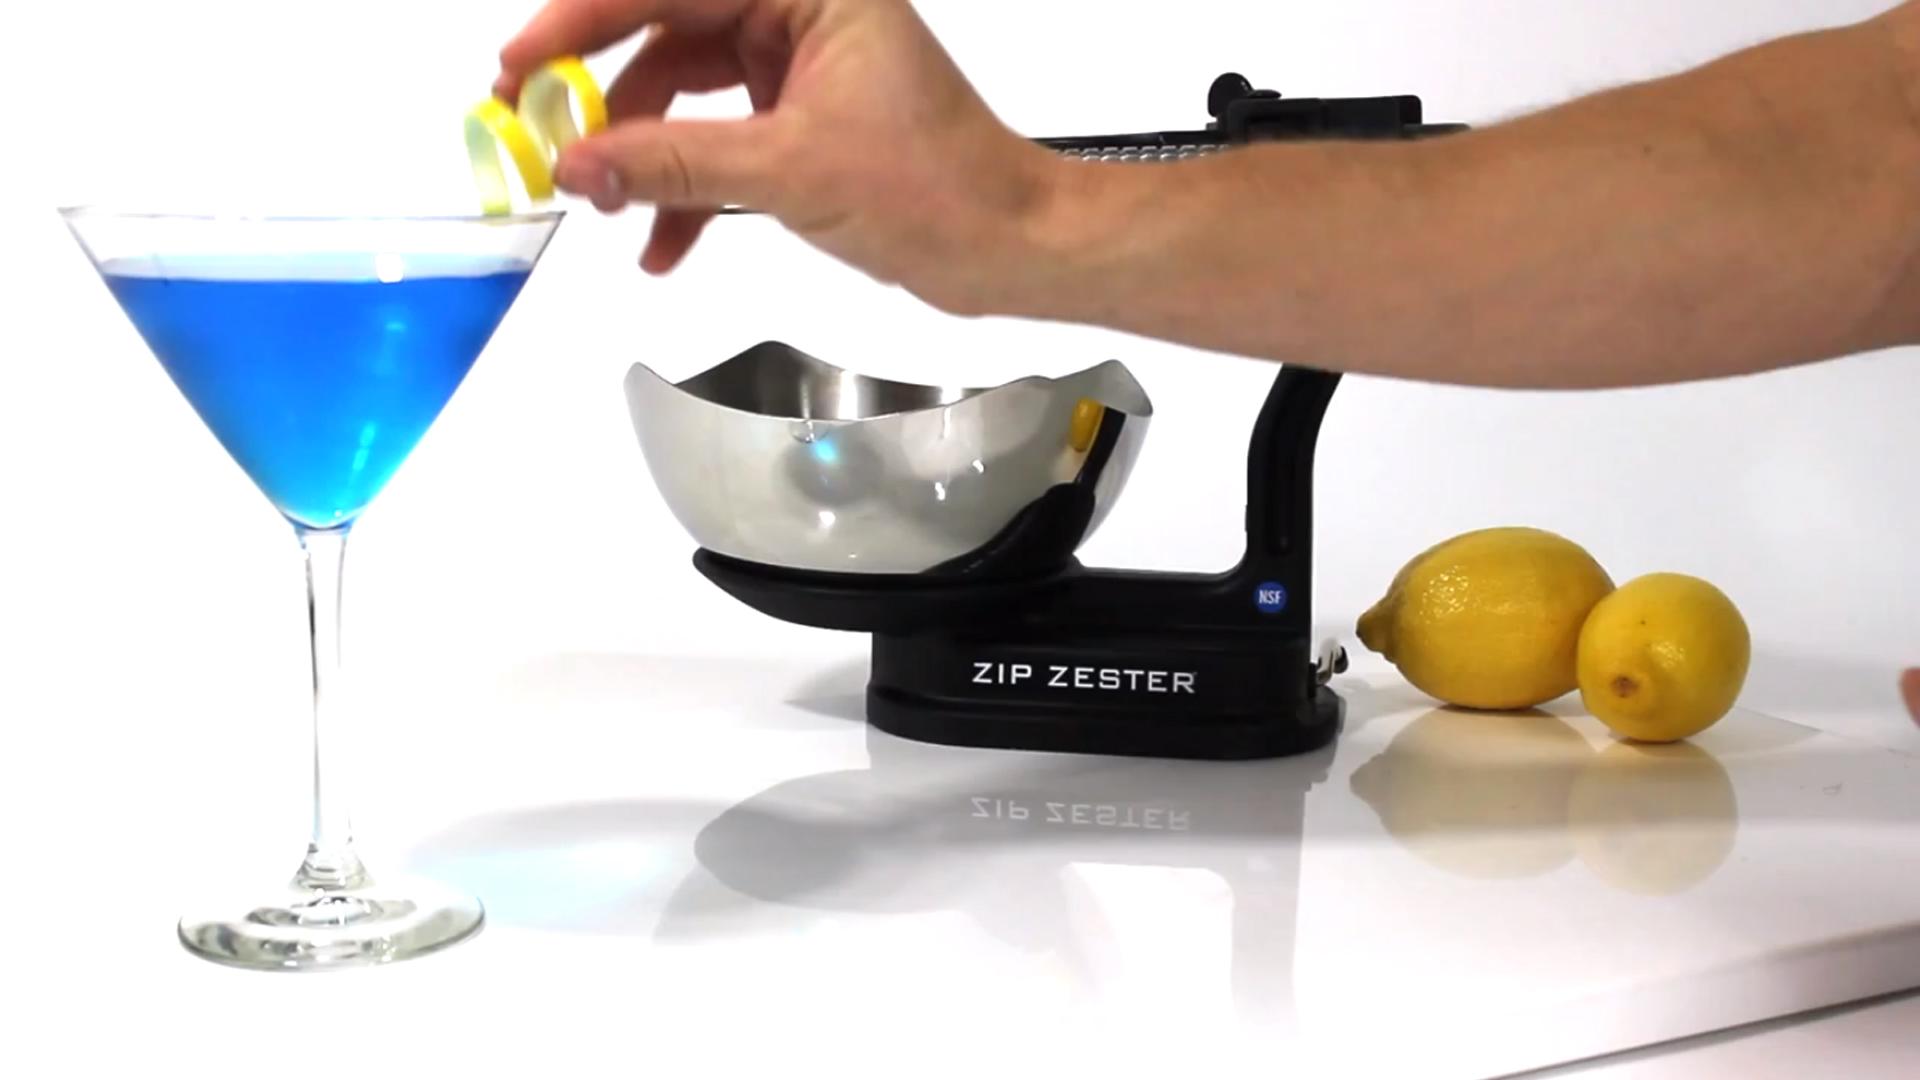 zip zester machine